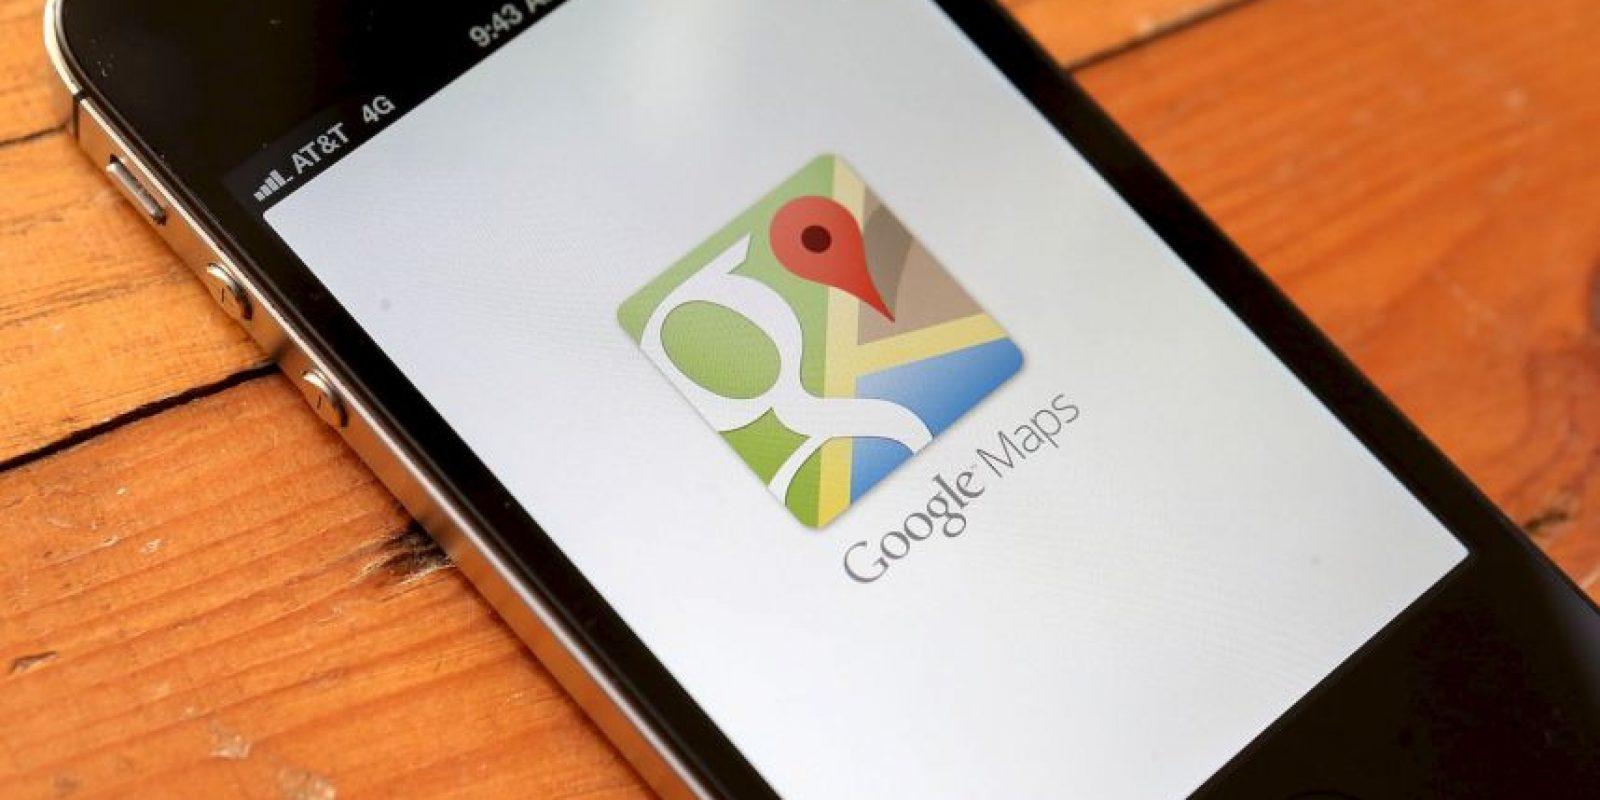 En 2005, Google aplicó el uso de AJAX dentro de esta aplicación para una mejor funcionalidad. Unos días más tarde, Google se conviertió en el buscador de Internet más famoso Foto:Getty Images